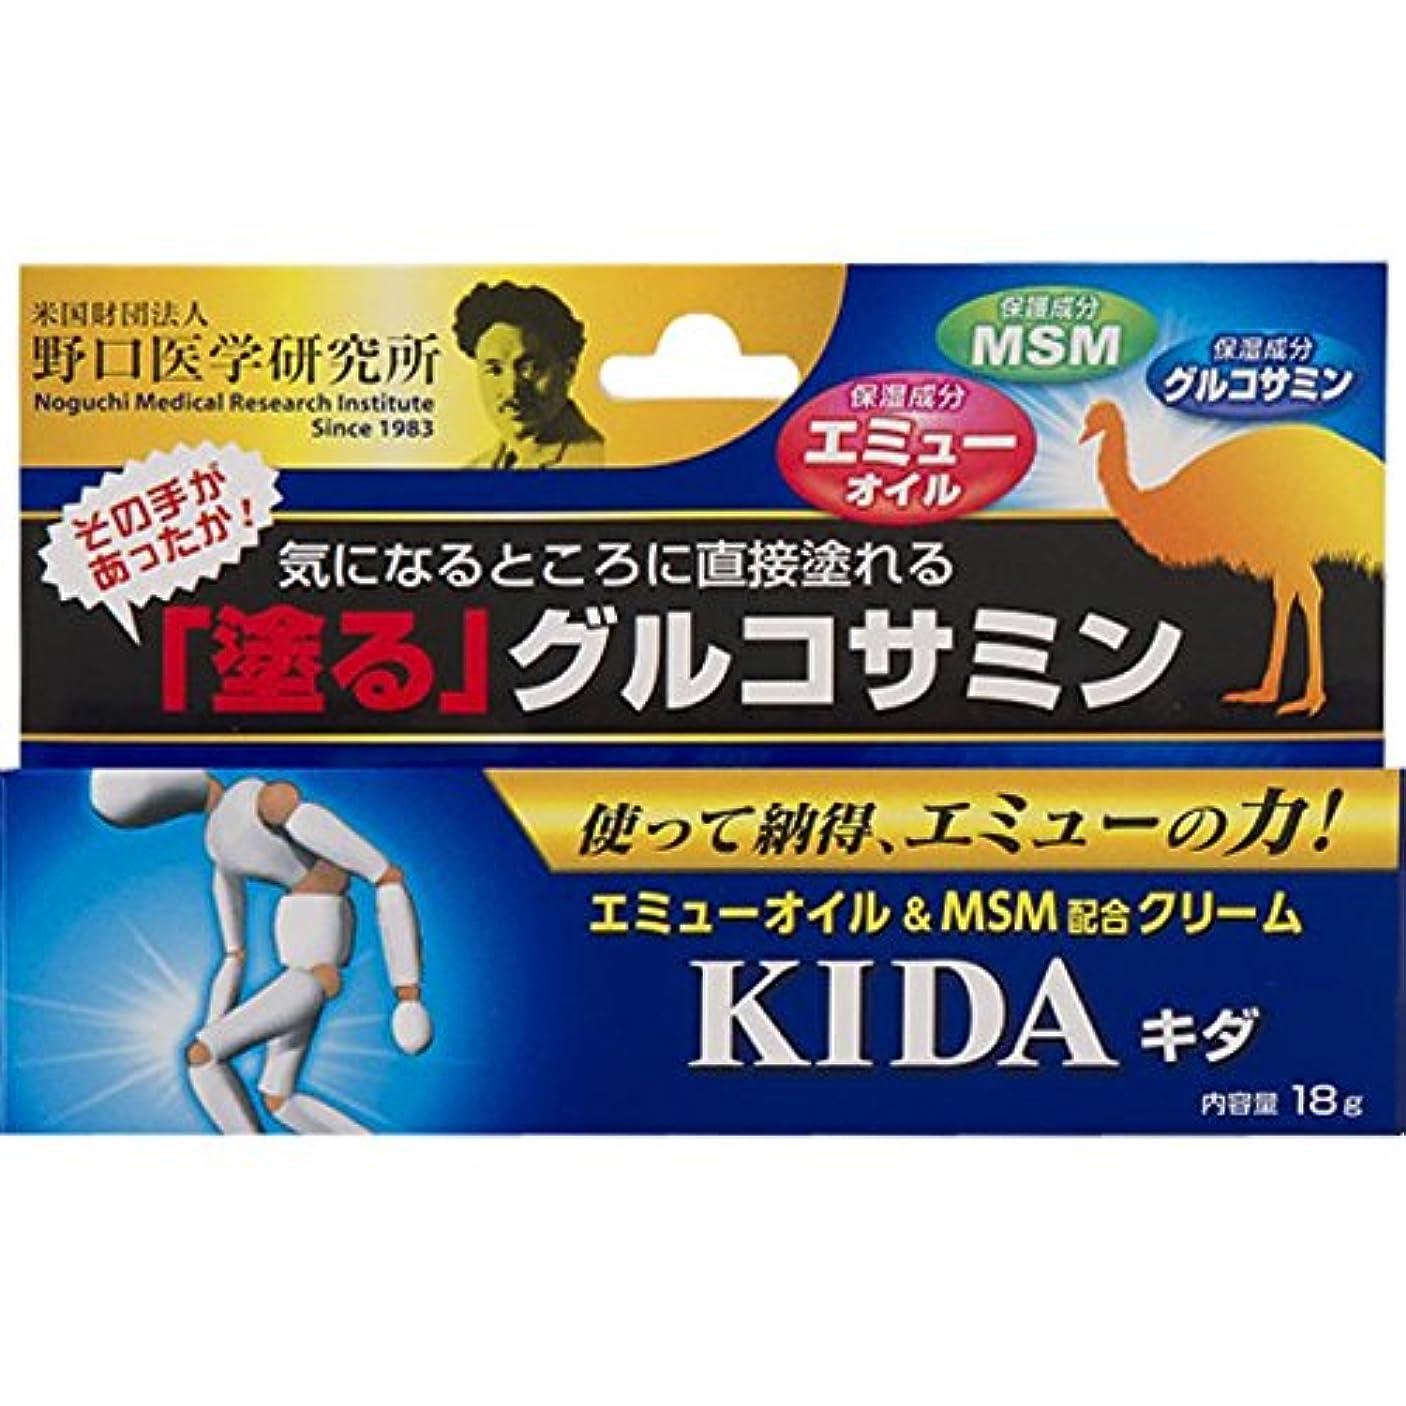 エール累計一回キダ エミューオイル&MSM配合クリーム(18g)